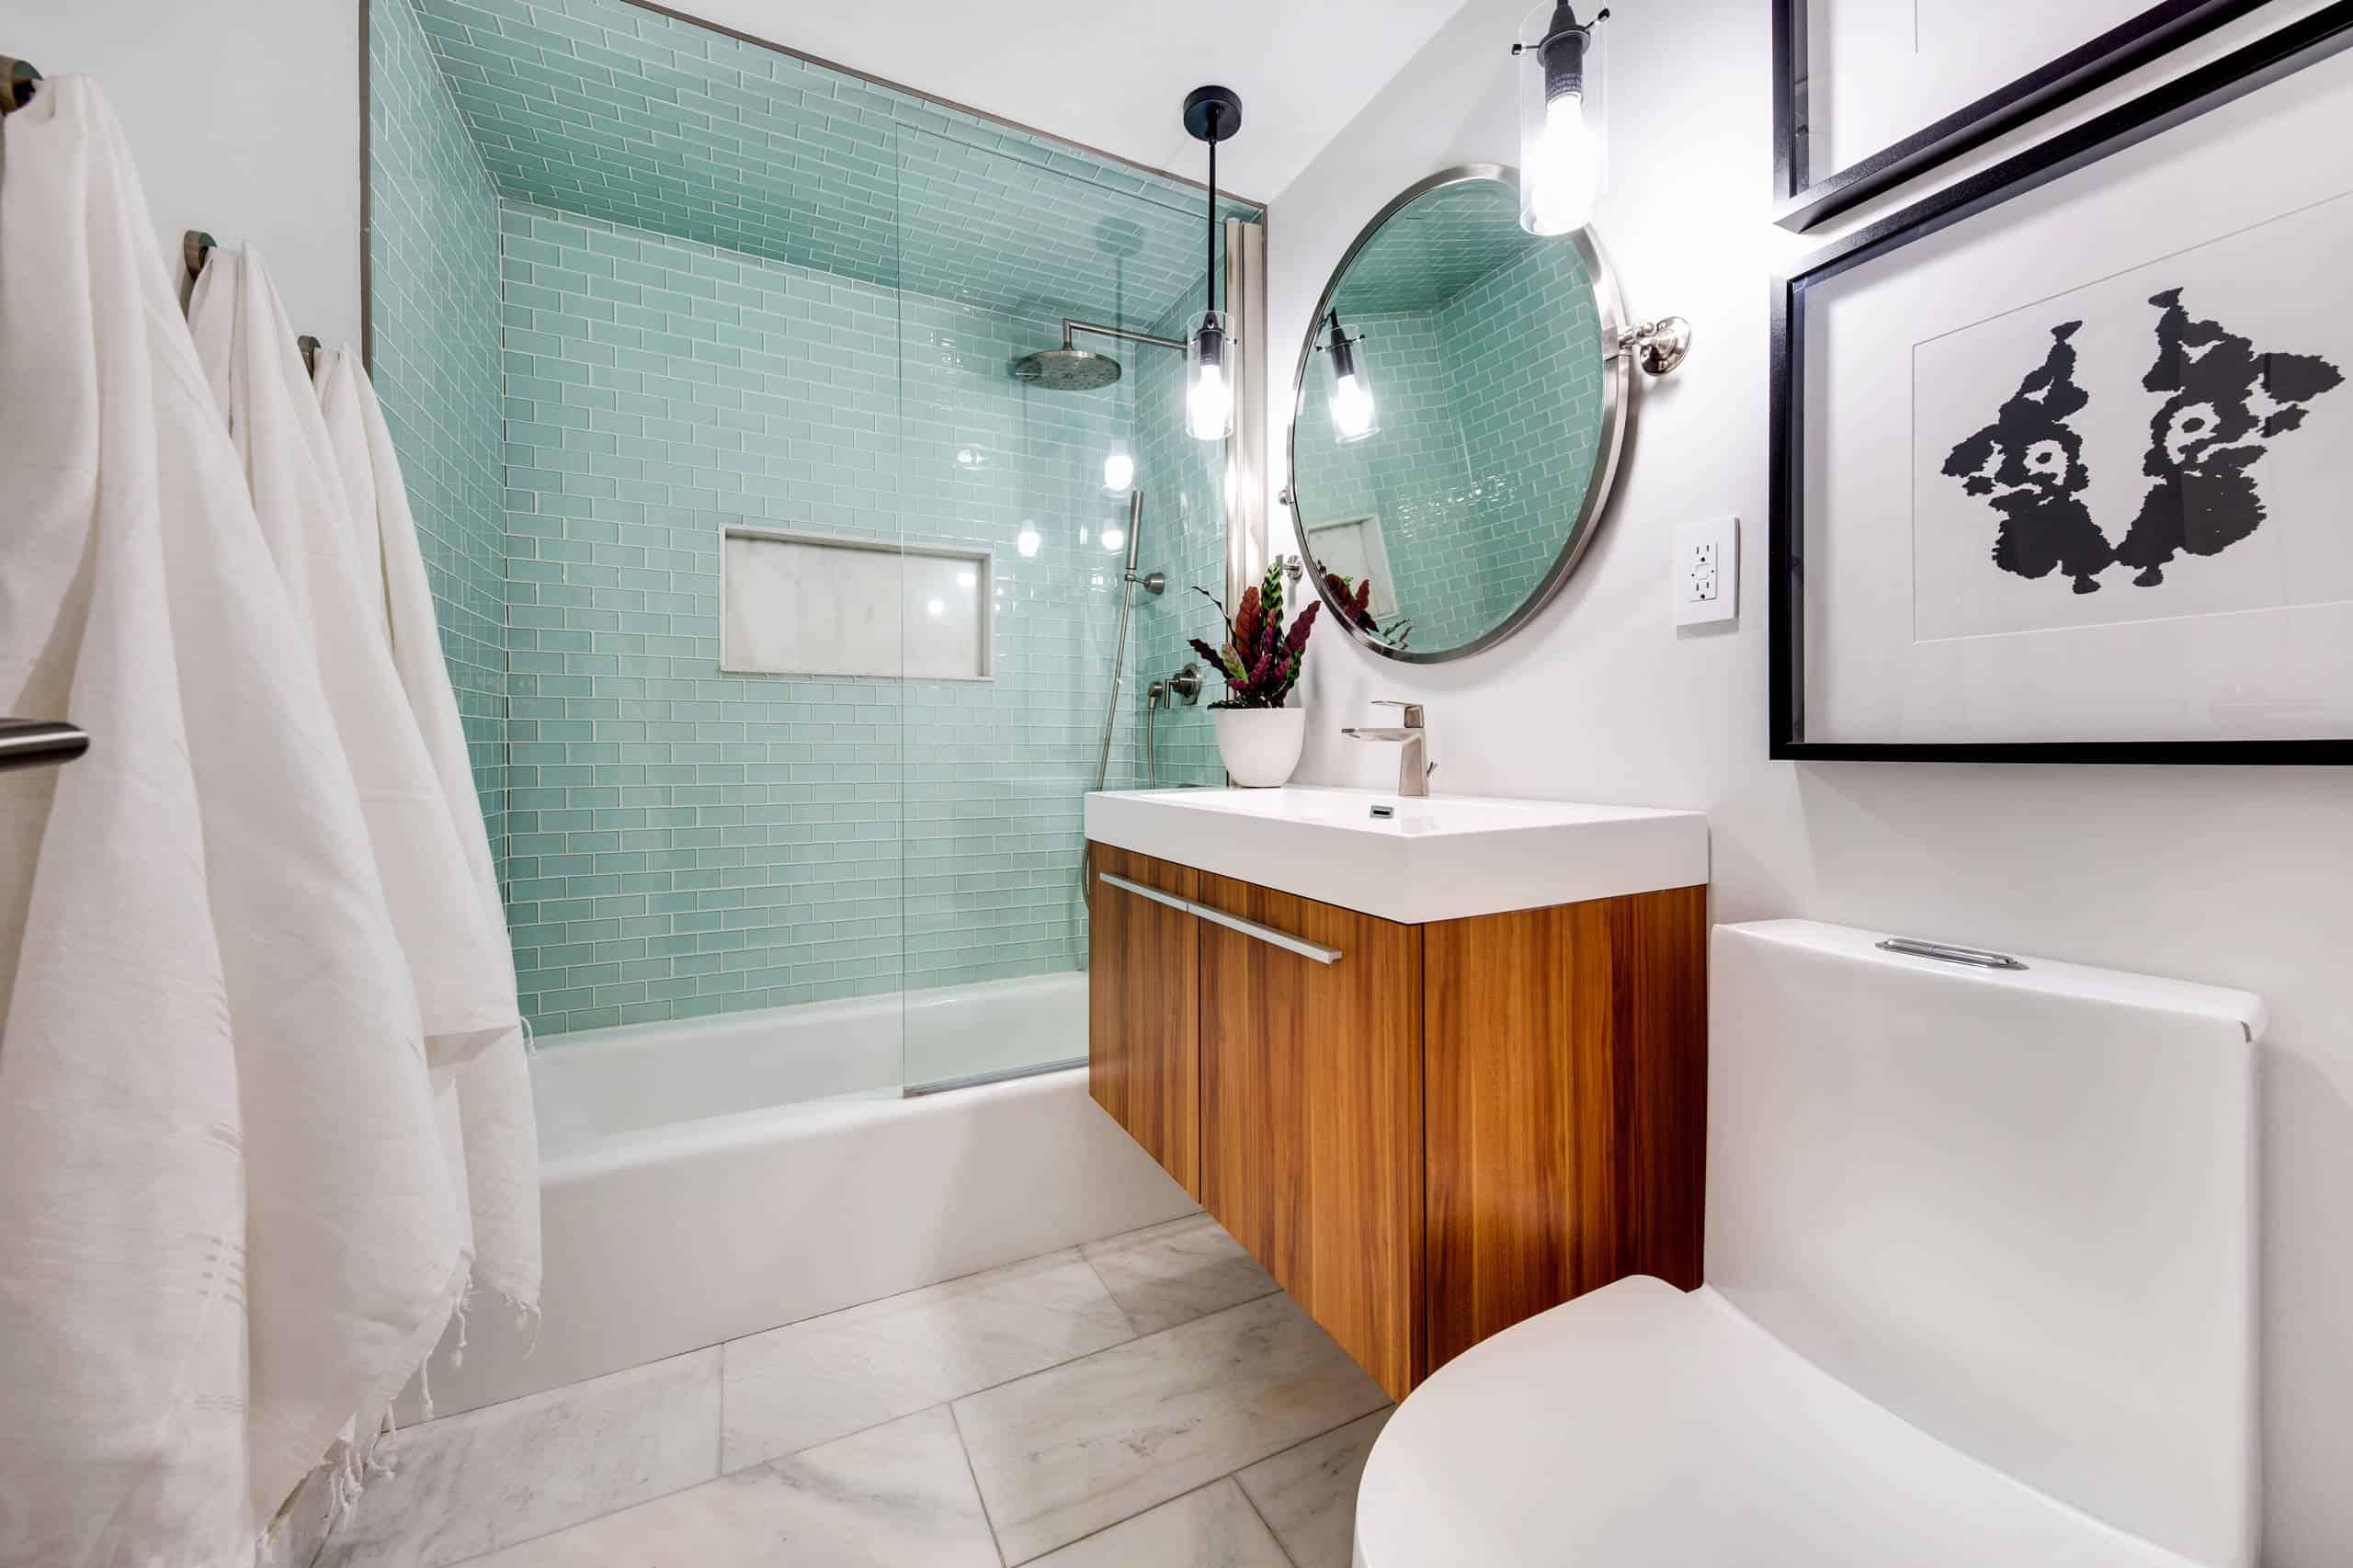 Top 28 Best Small Bathroom Ideas with Bathtubs for 2020 on Small Bathroom Ideas 2020 id=65813